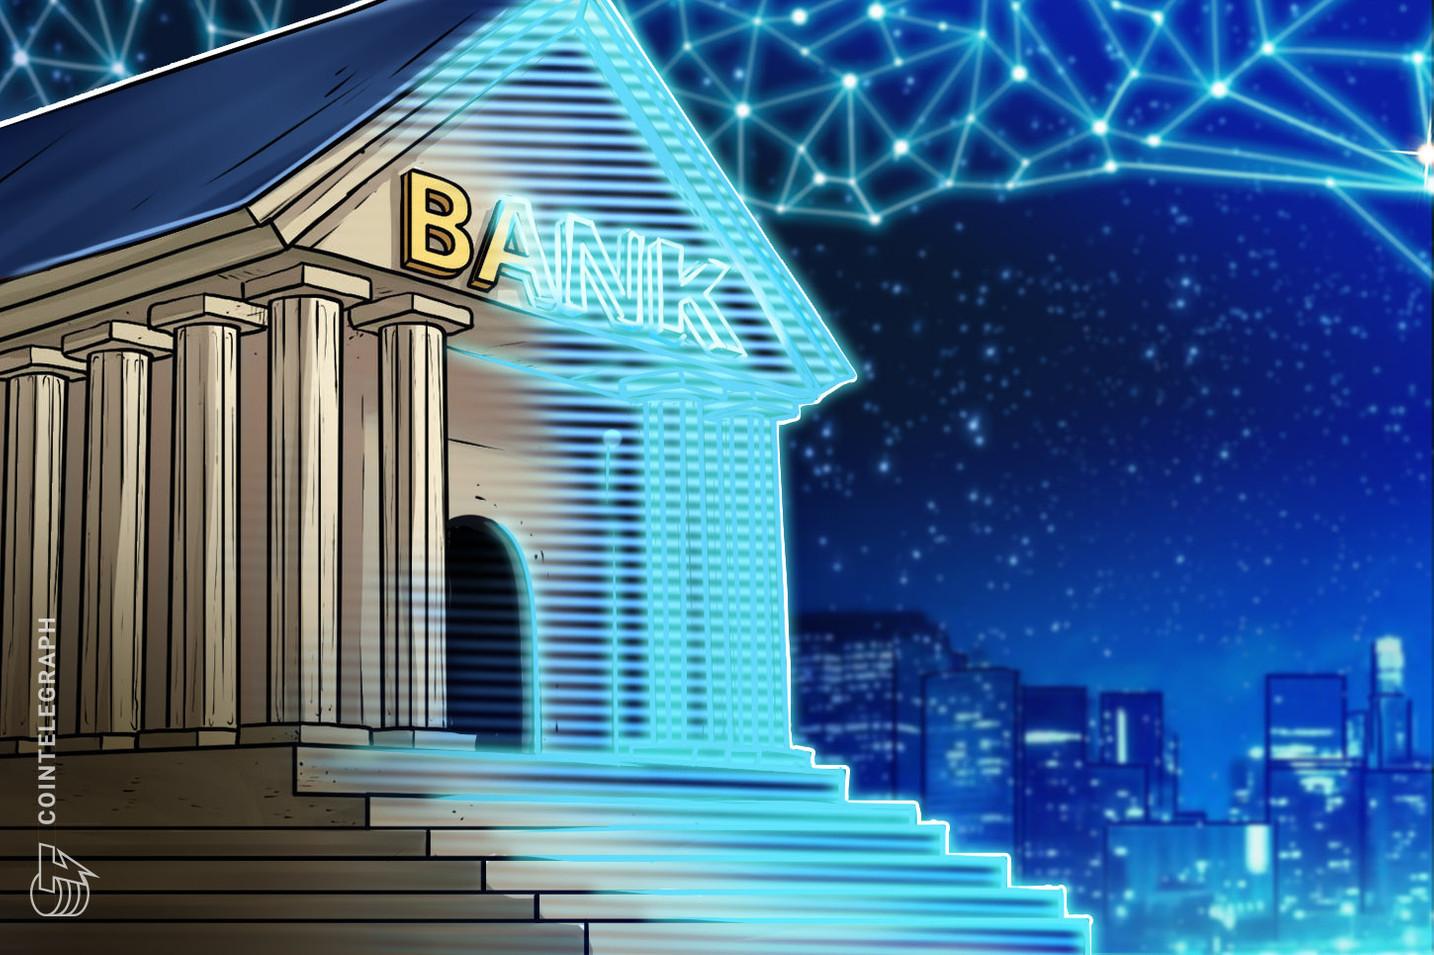 Las denuncias por estafas bancarias crecieron en un 3,000% en Argentina durante el 2020